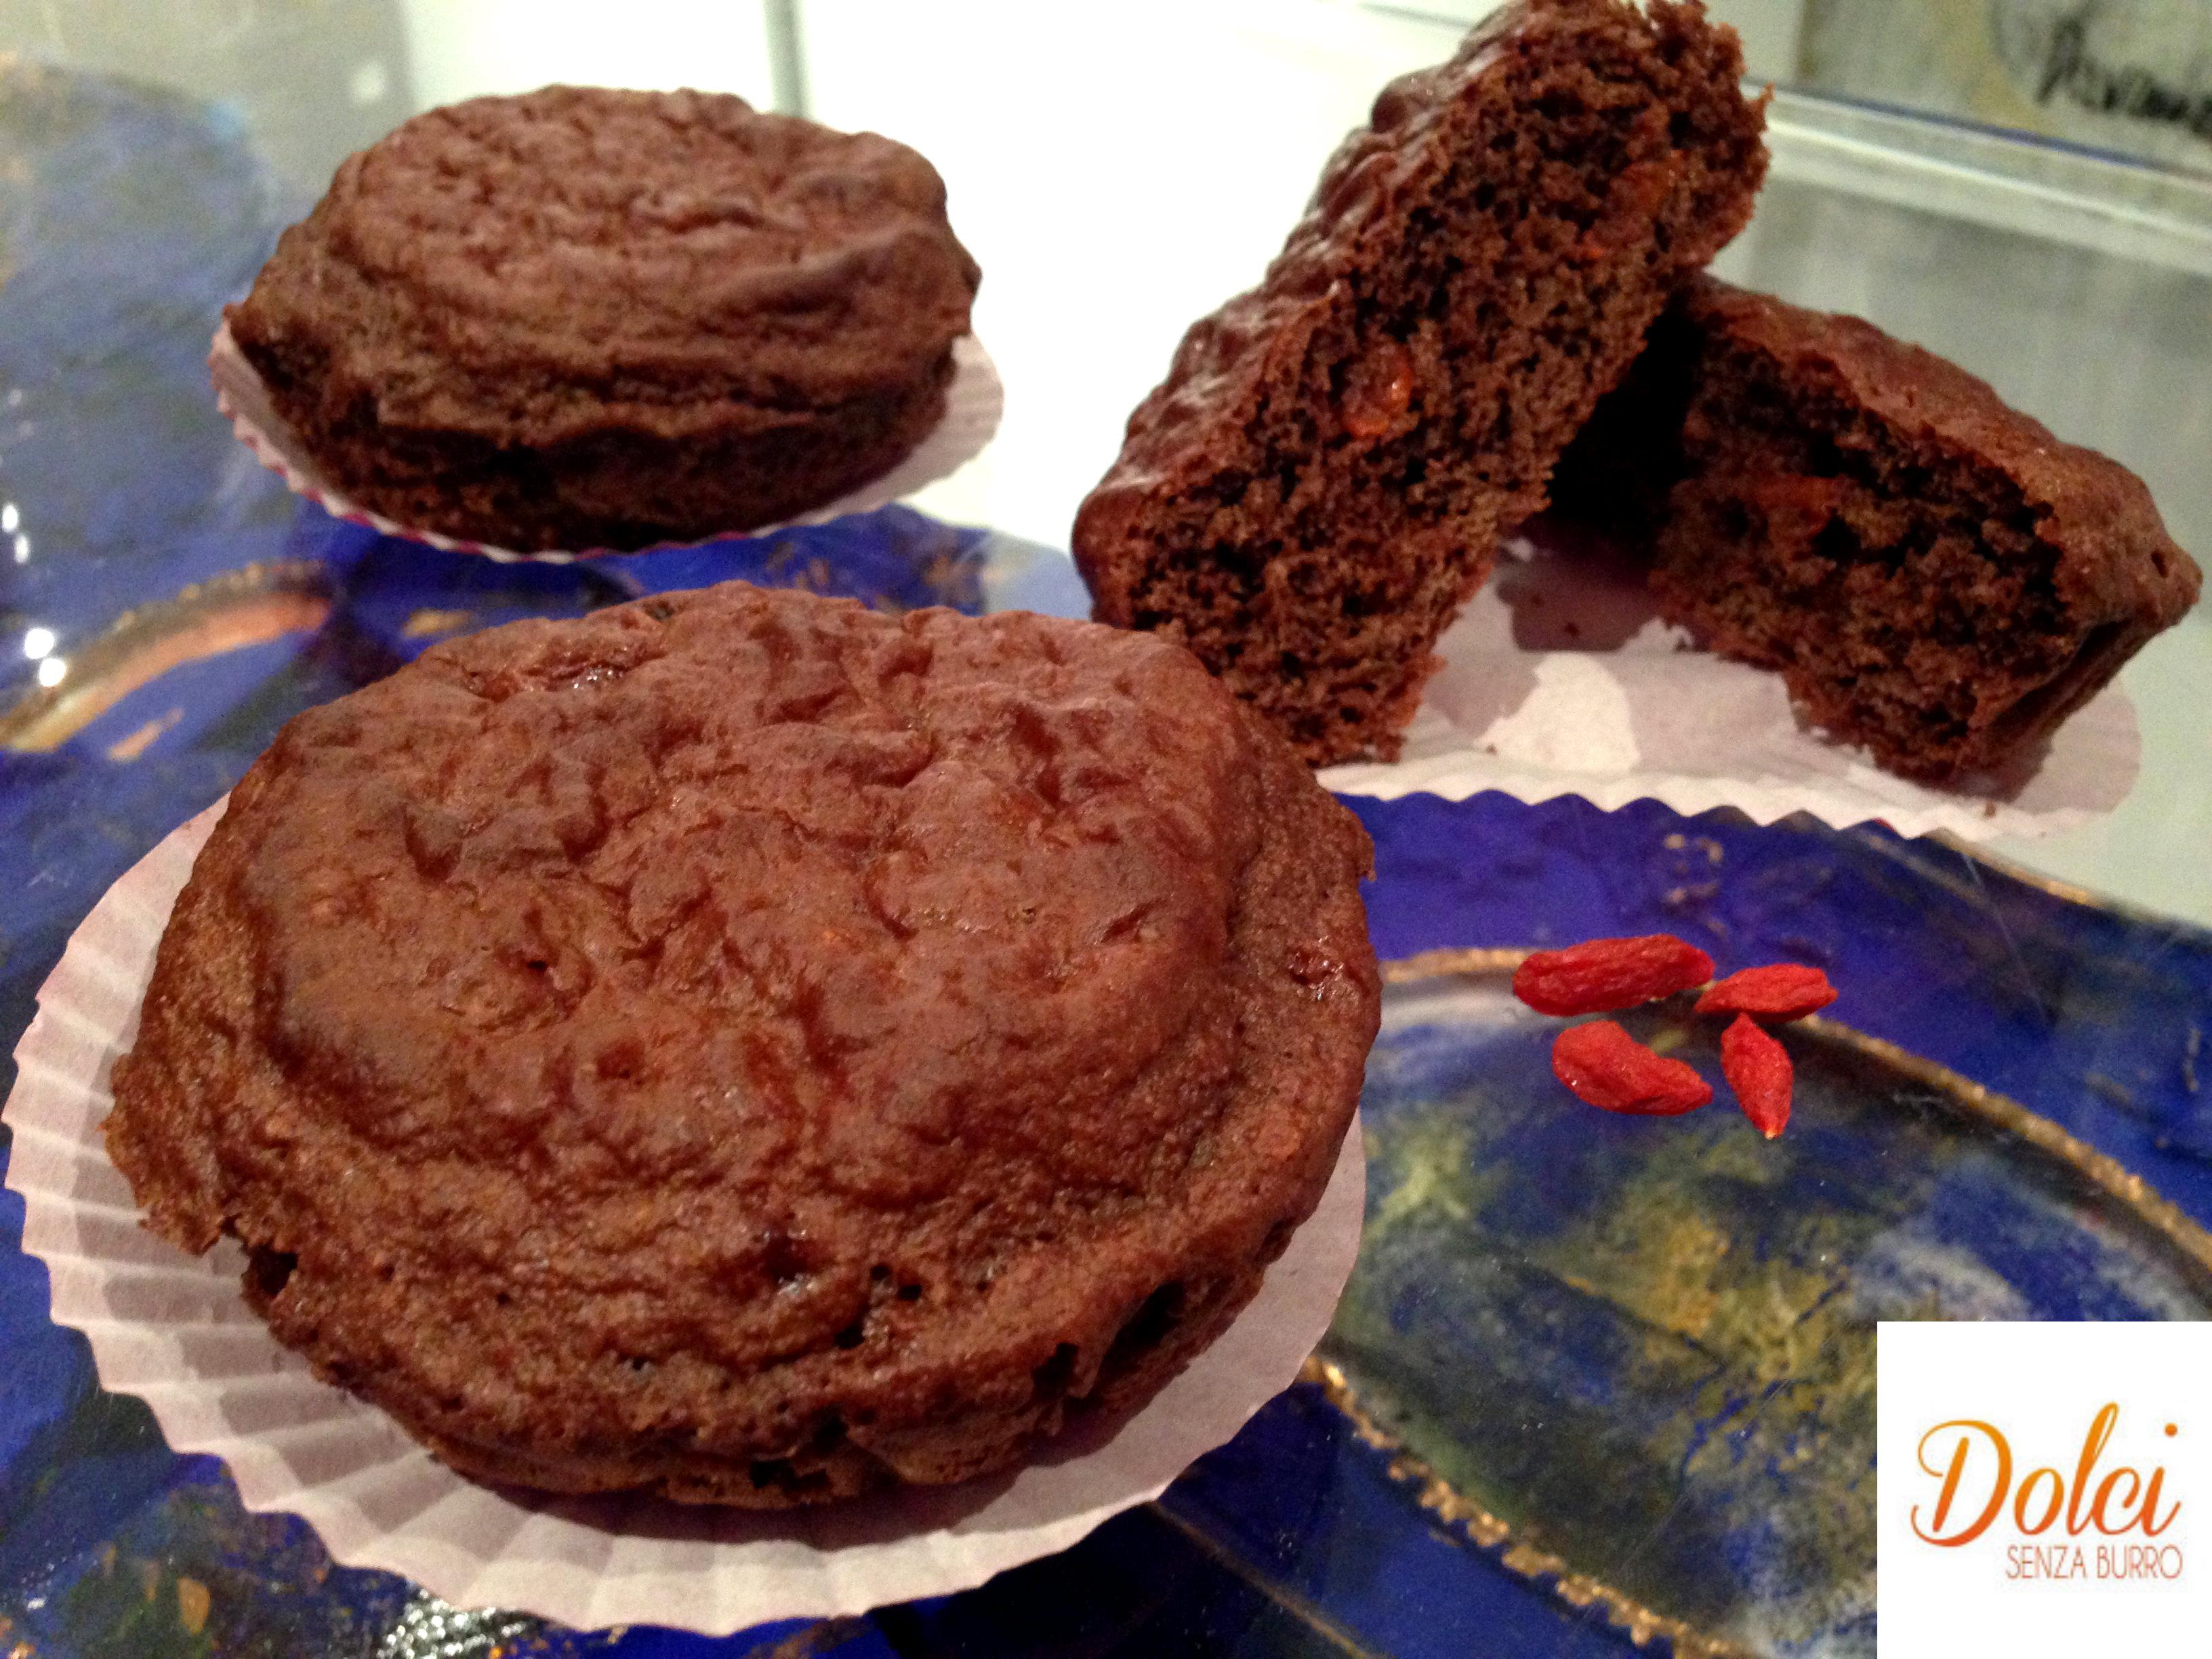 Tortini al Cioccolato Senza Burro e bacche di goji, il dolce senza glutine e lattosio speciale di Dolci Senza Burro